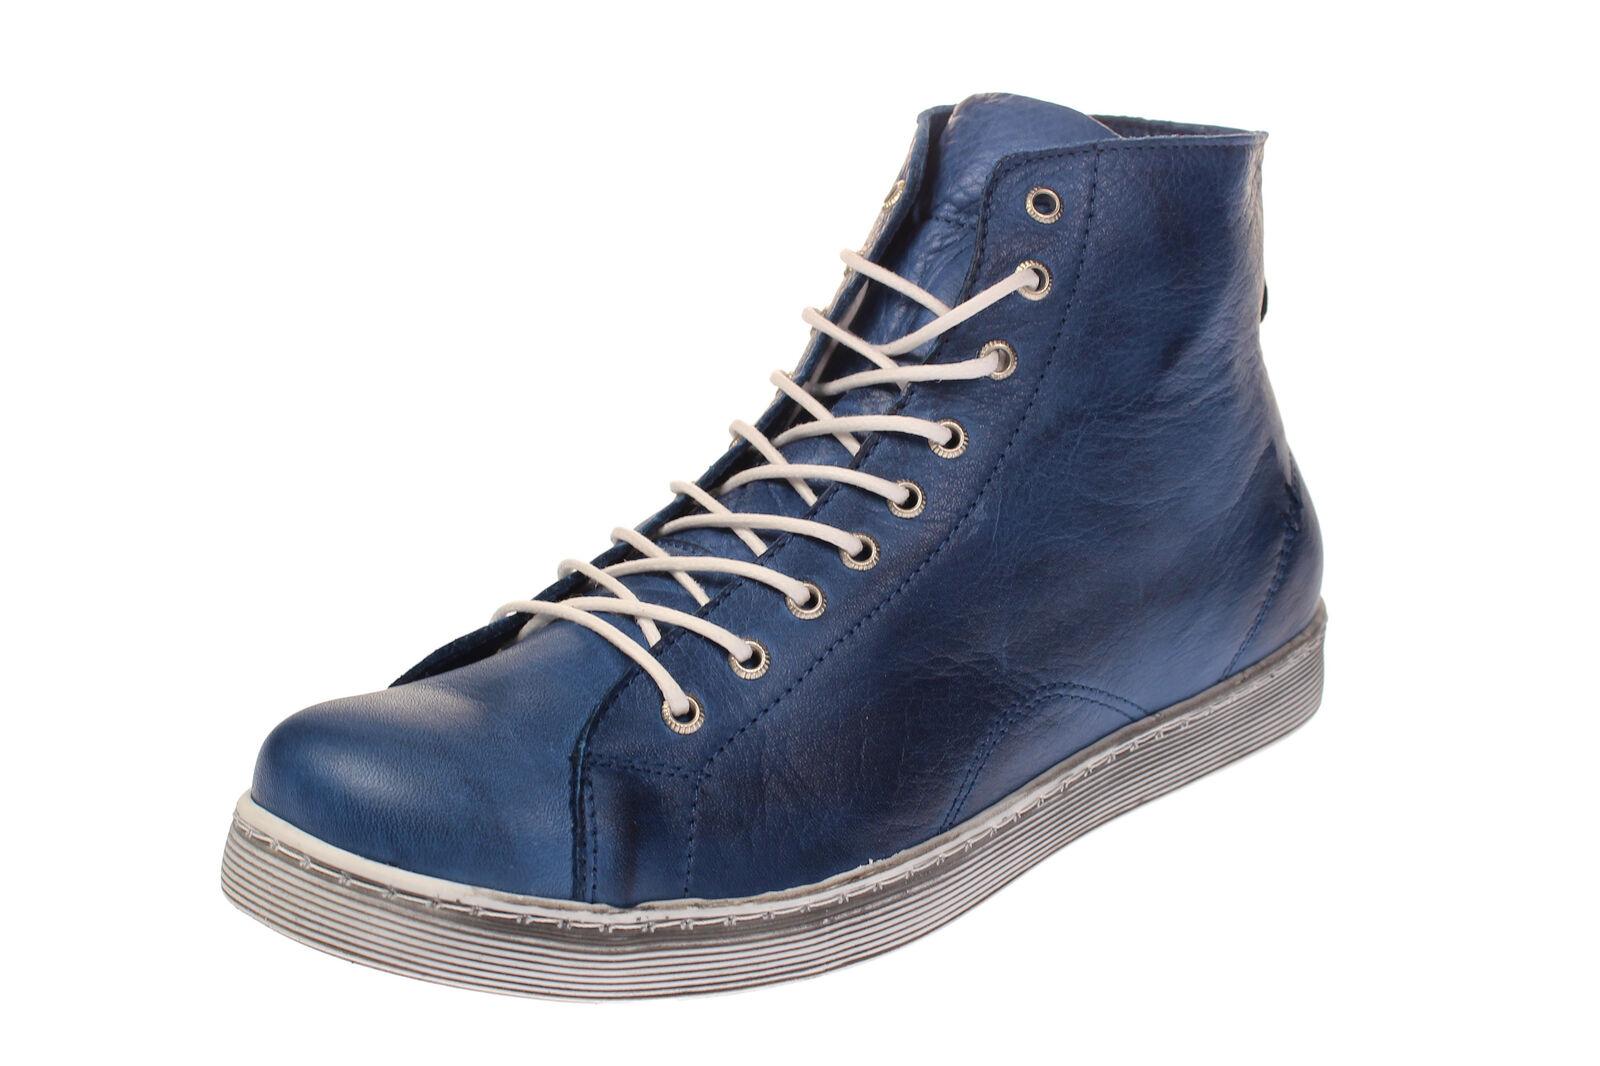 Andrea Conti 0341500274 jeans Freizeitschuhe Schuhe